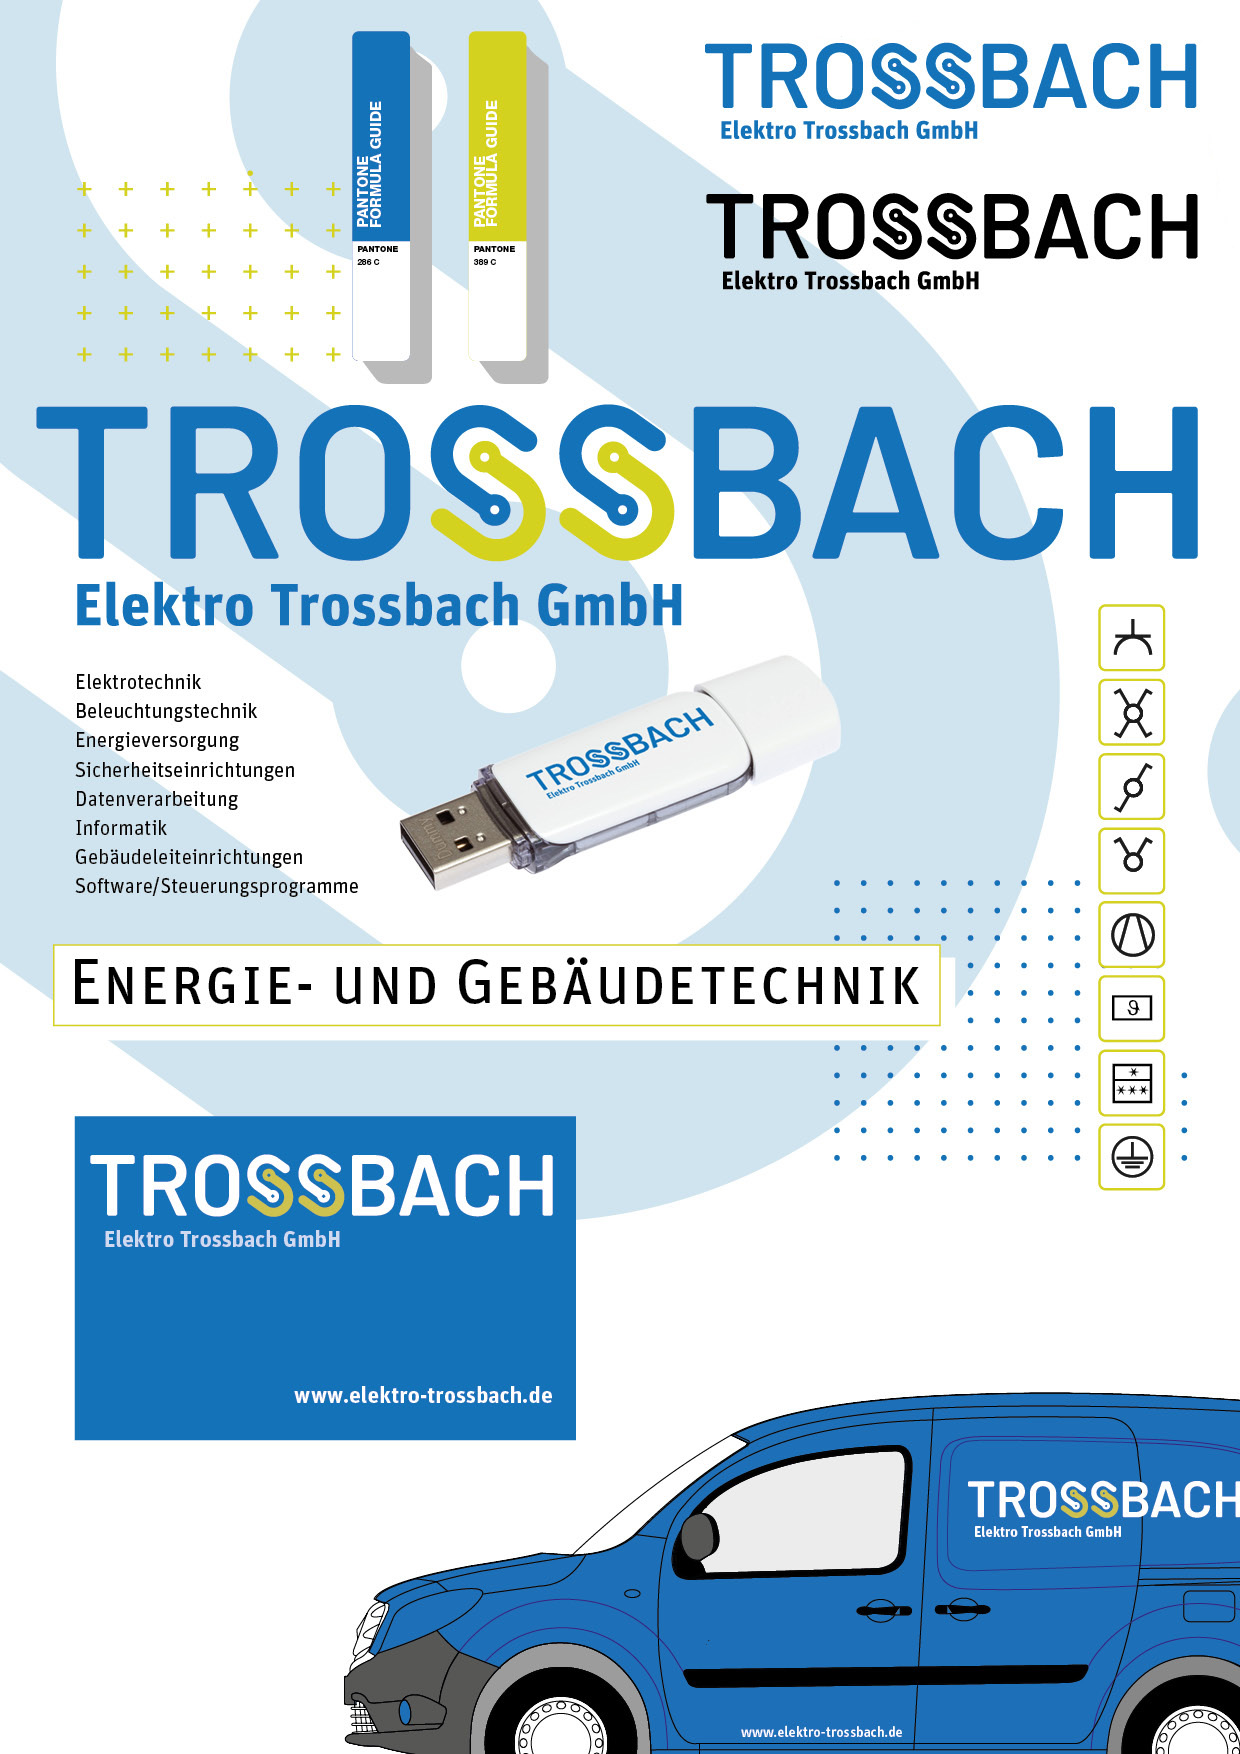 Corporate Design für das Gebäude- und Energietechnik-Unternehmen Trossbach in Ulm